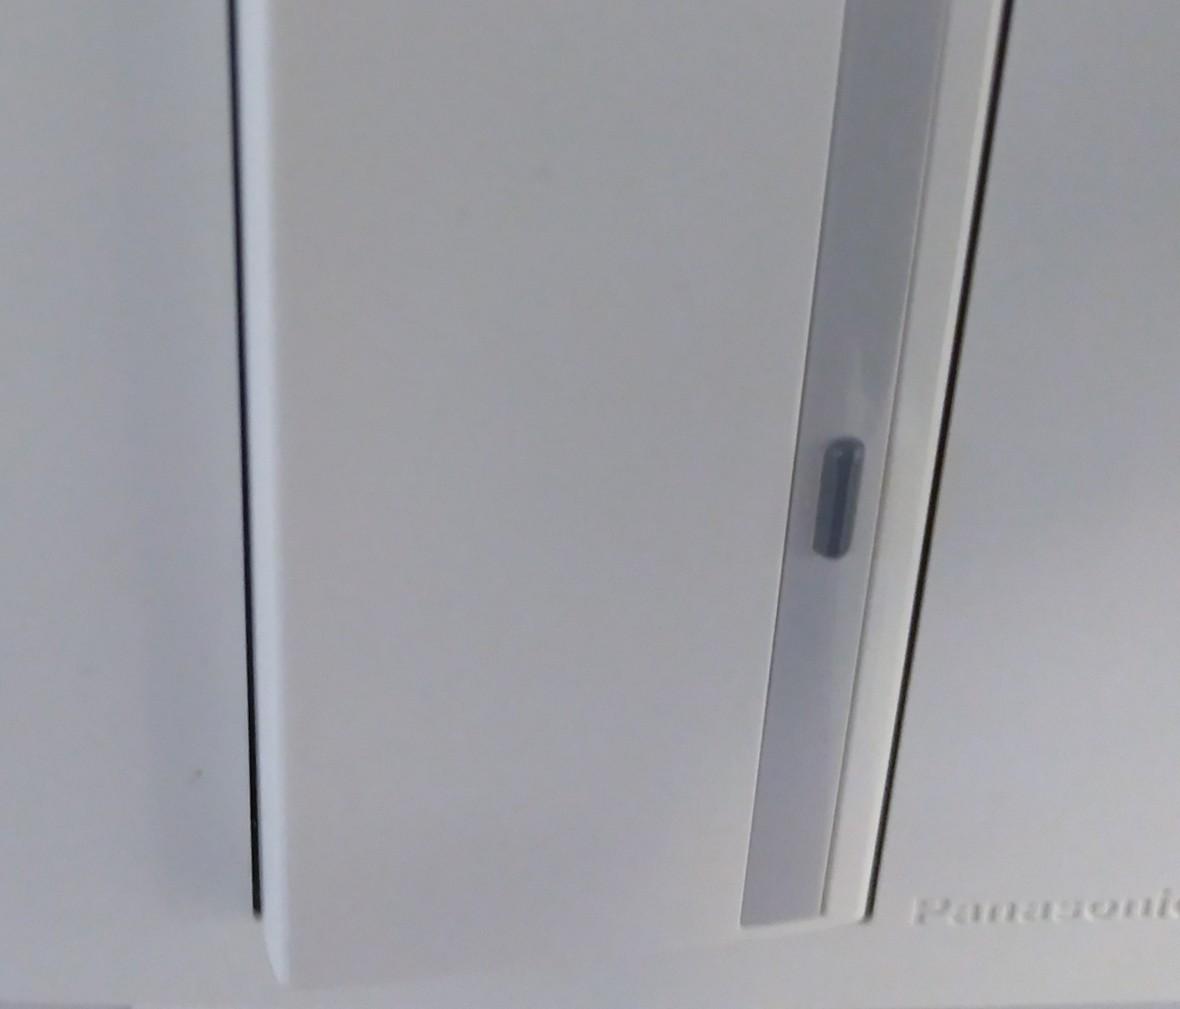 松下灯饰 宏彩系列 单开开关 耐高温 防漏电 PC材质 细节